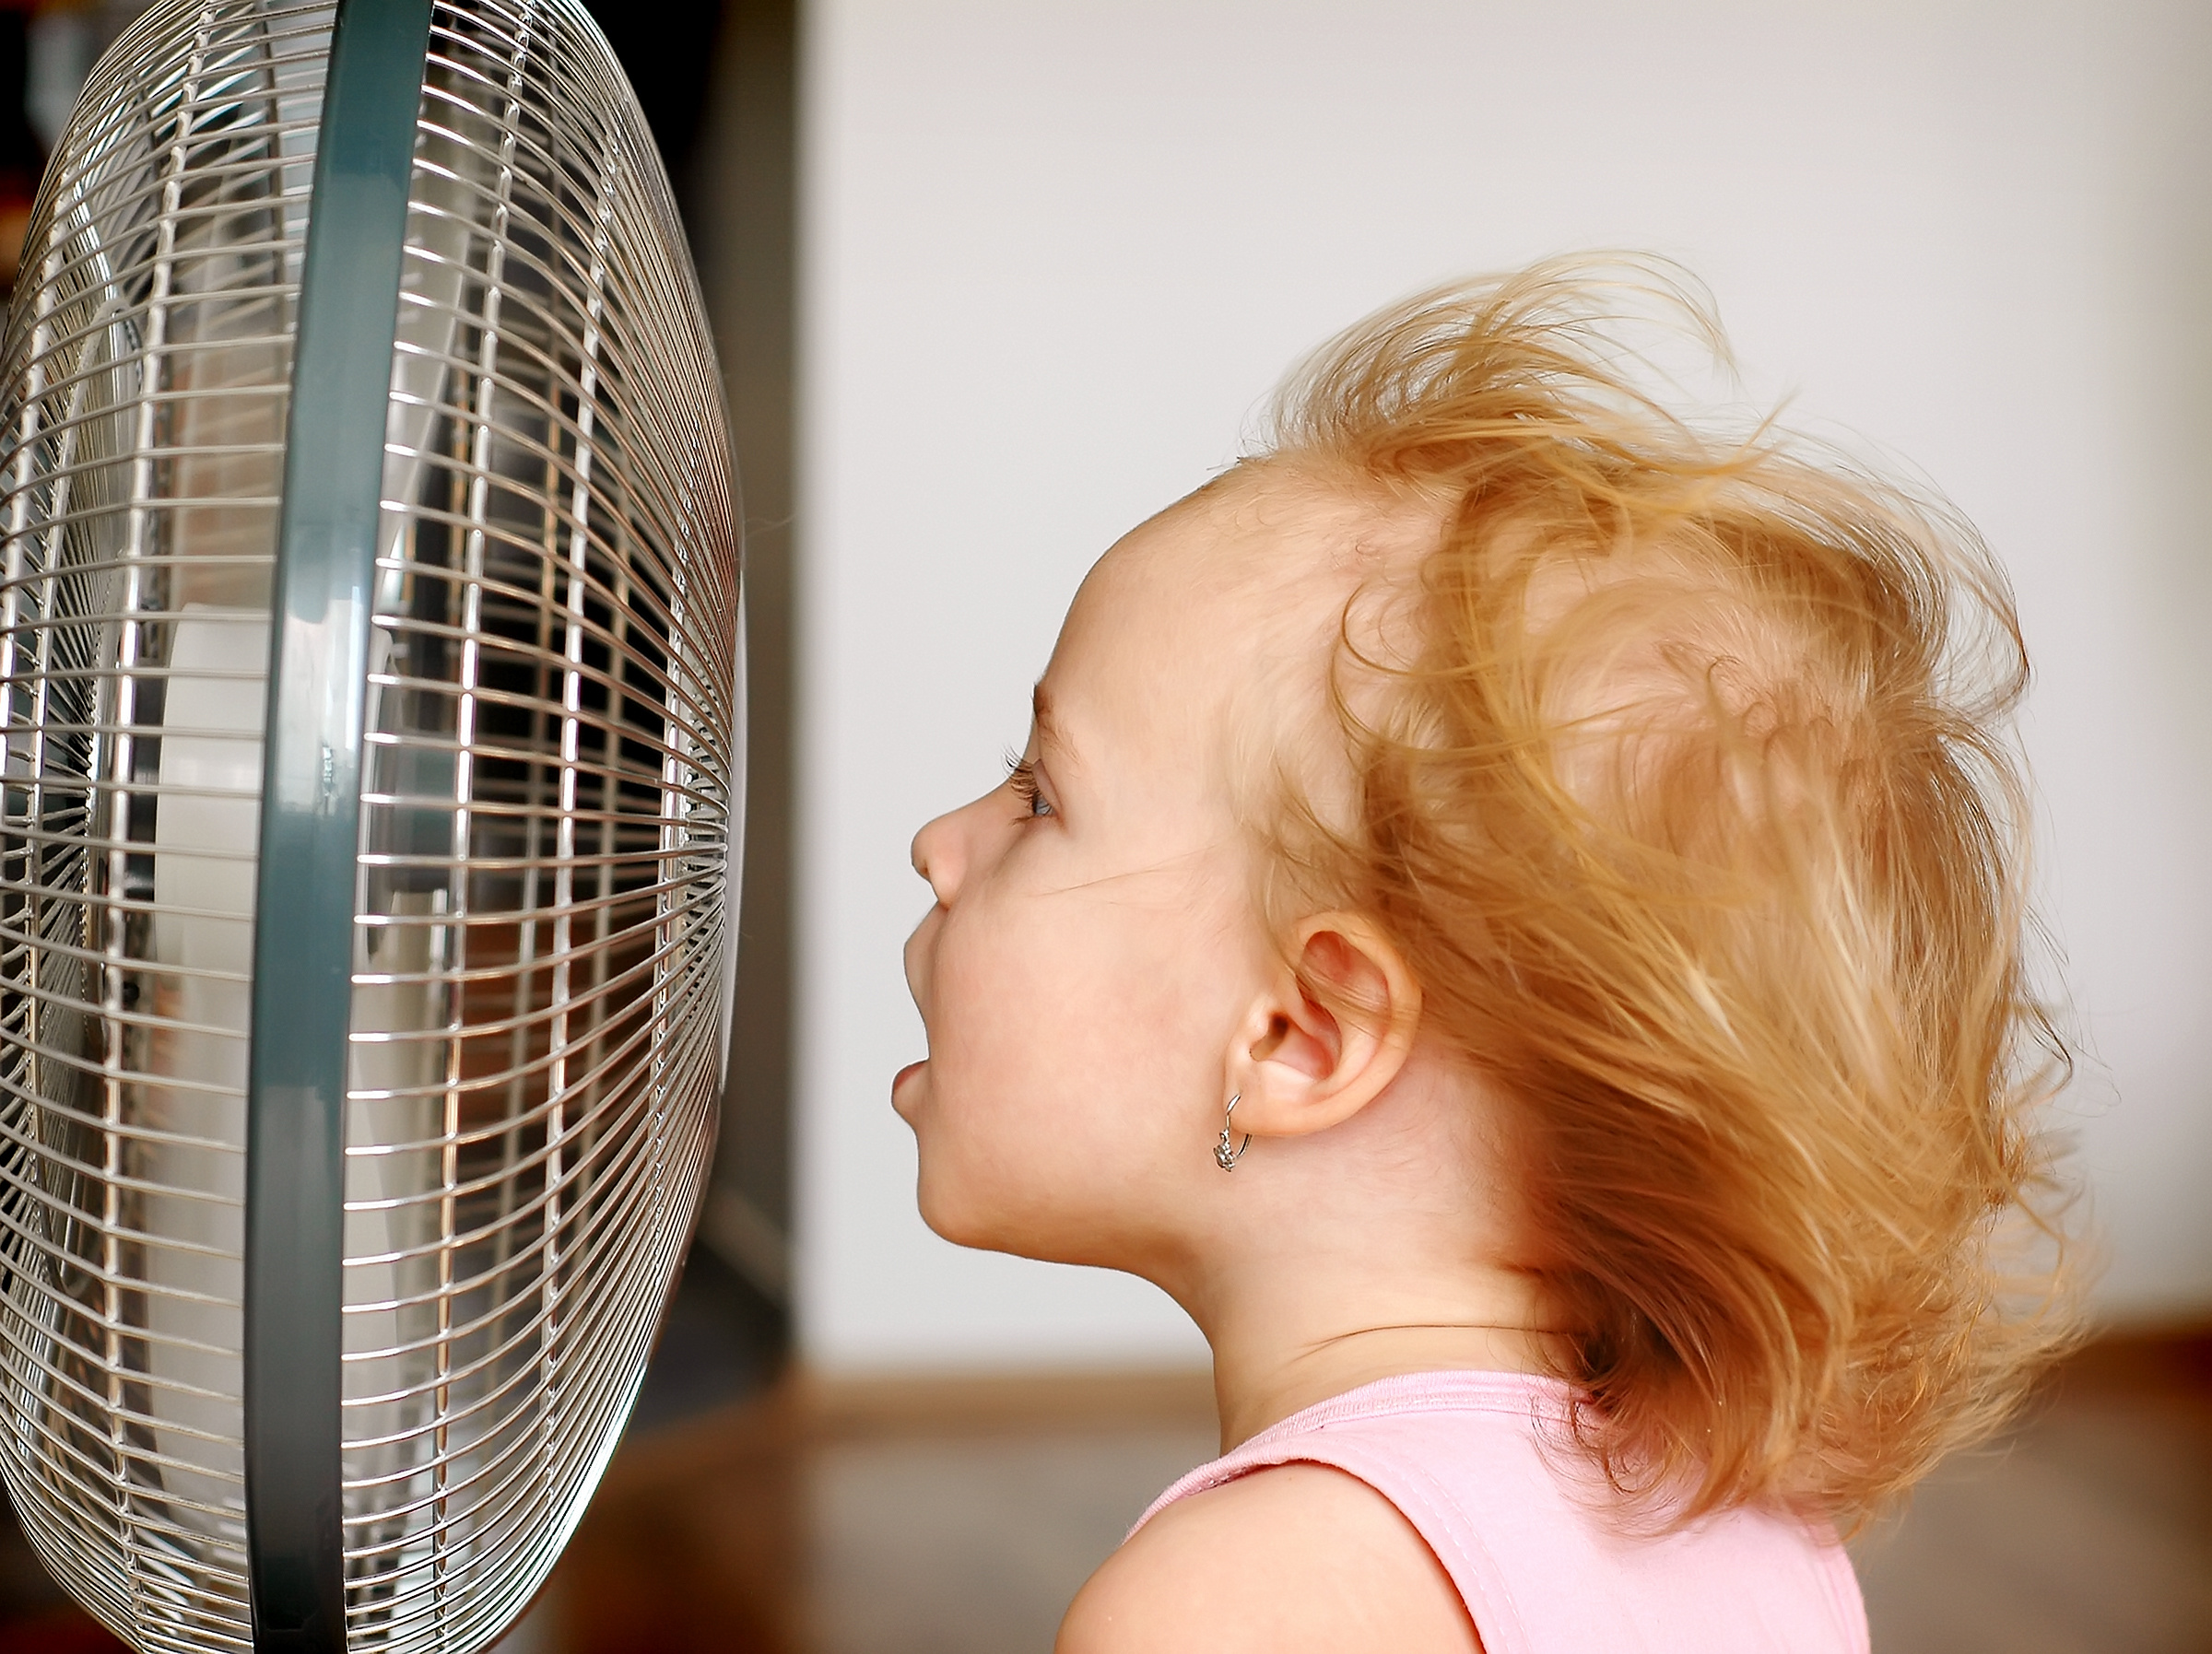 دراسة بريطانية تحذر من النوم في هواء المراوح والمكيفات